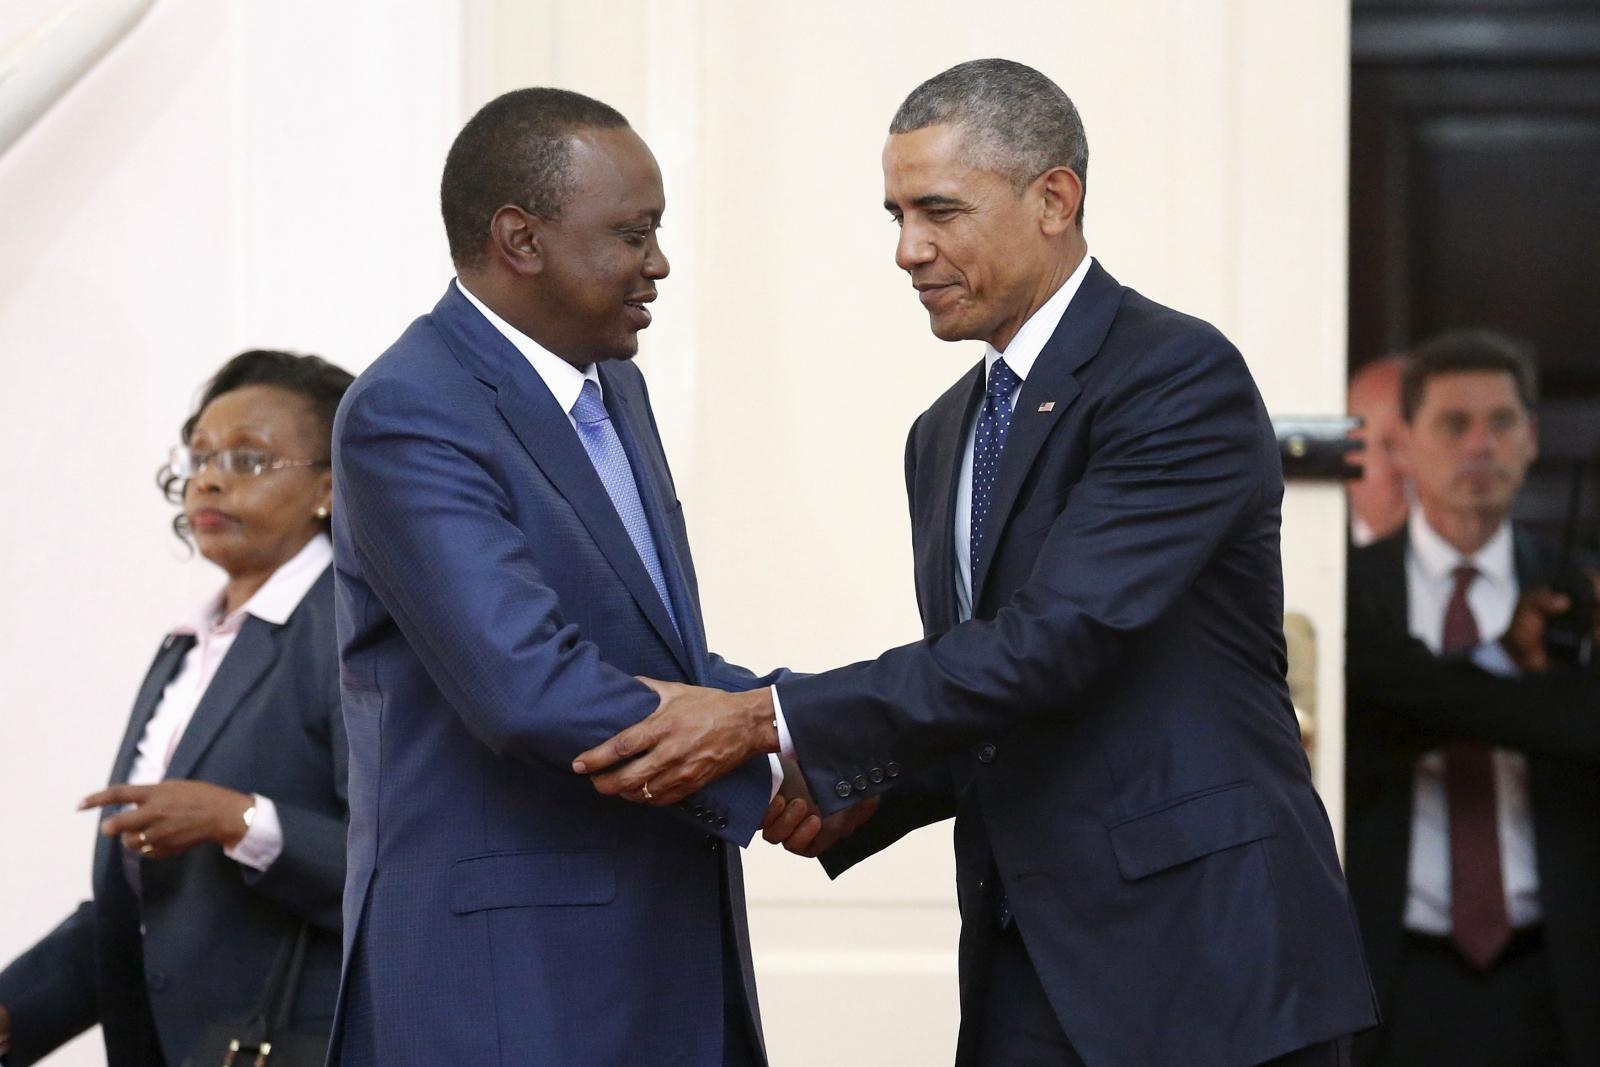 Obama Kenya trip